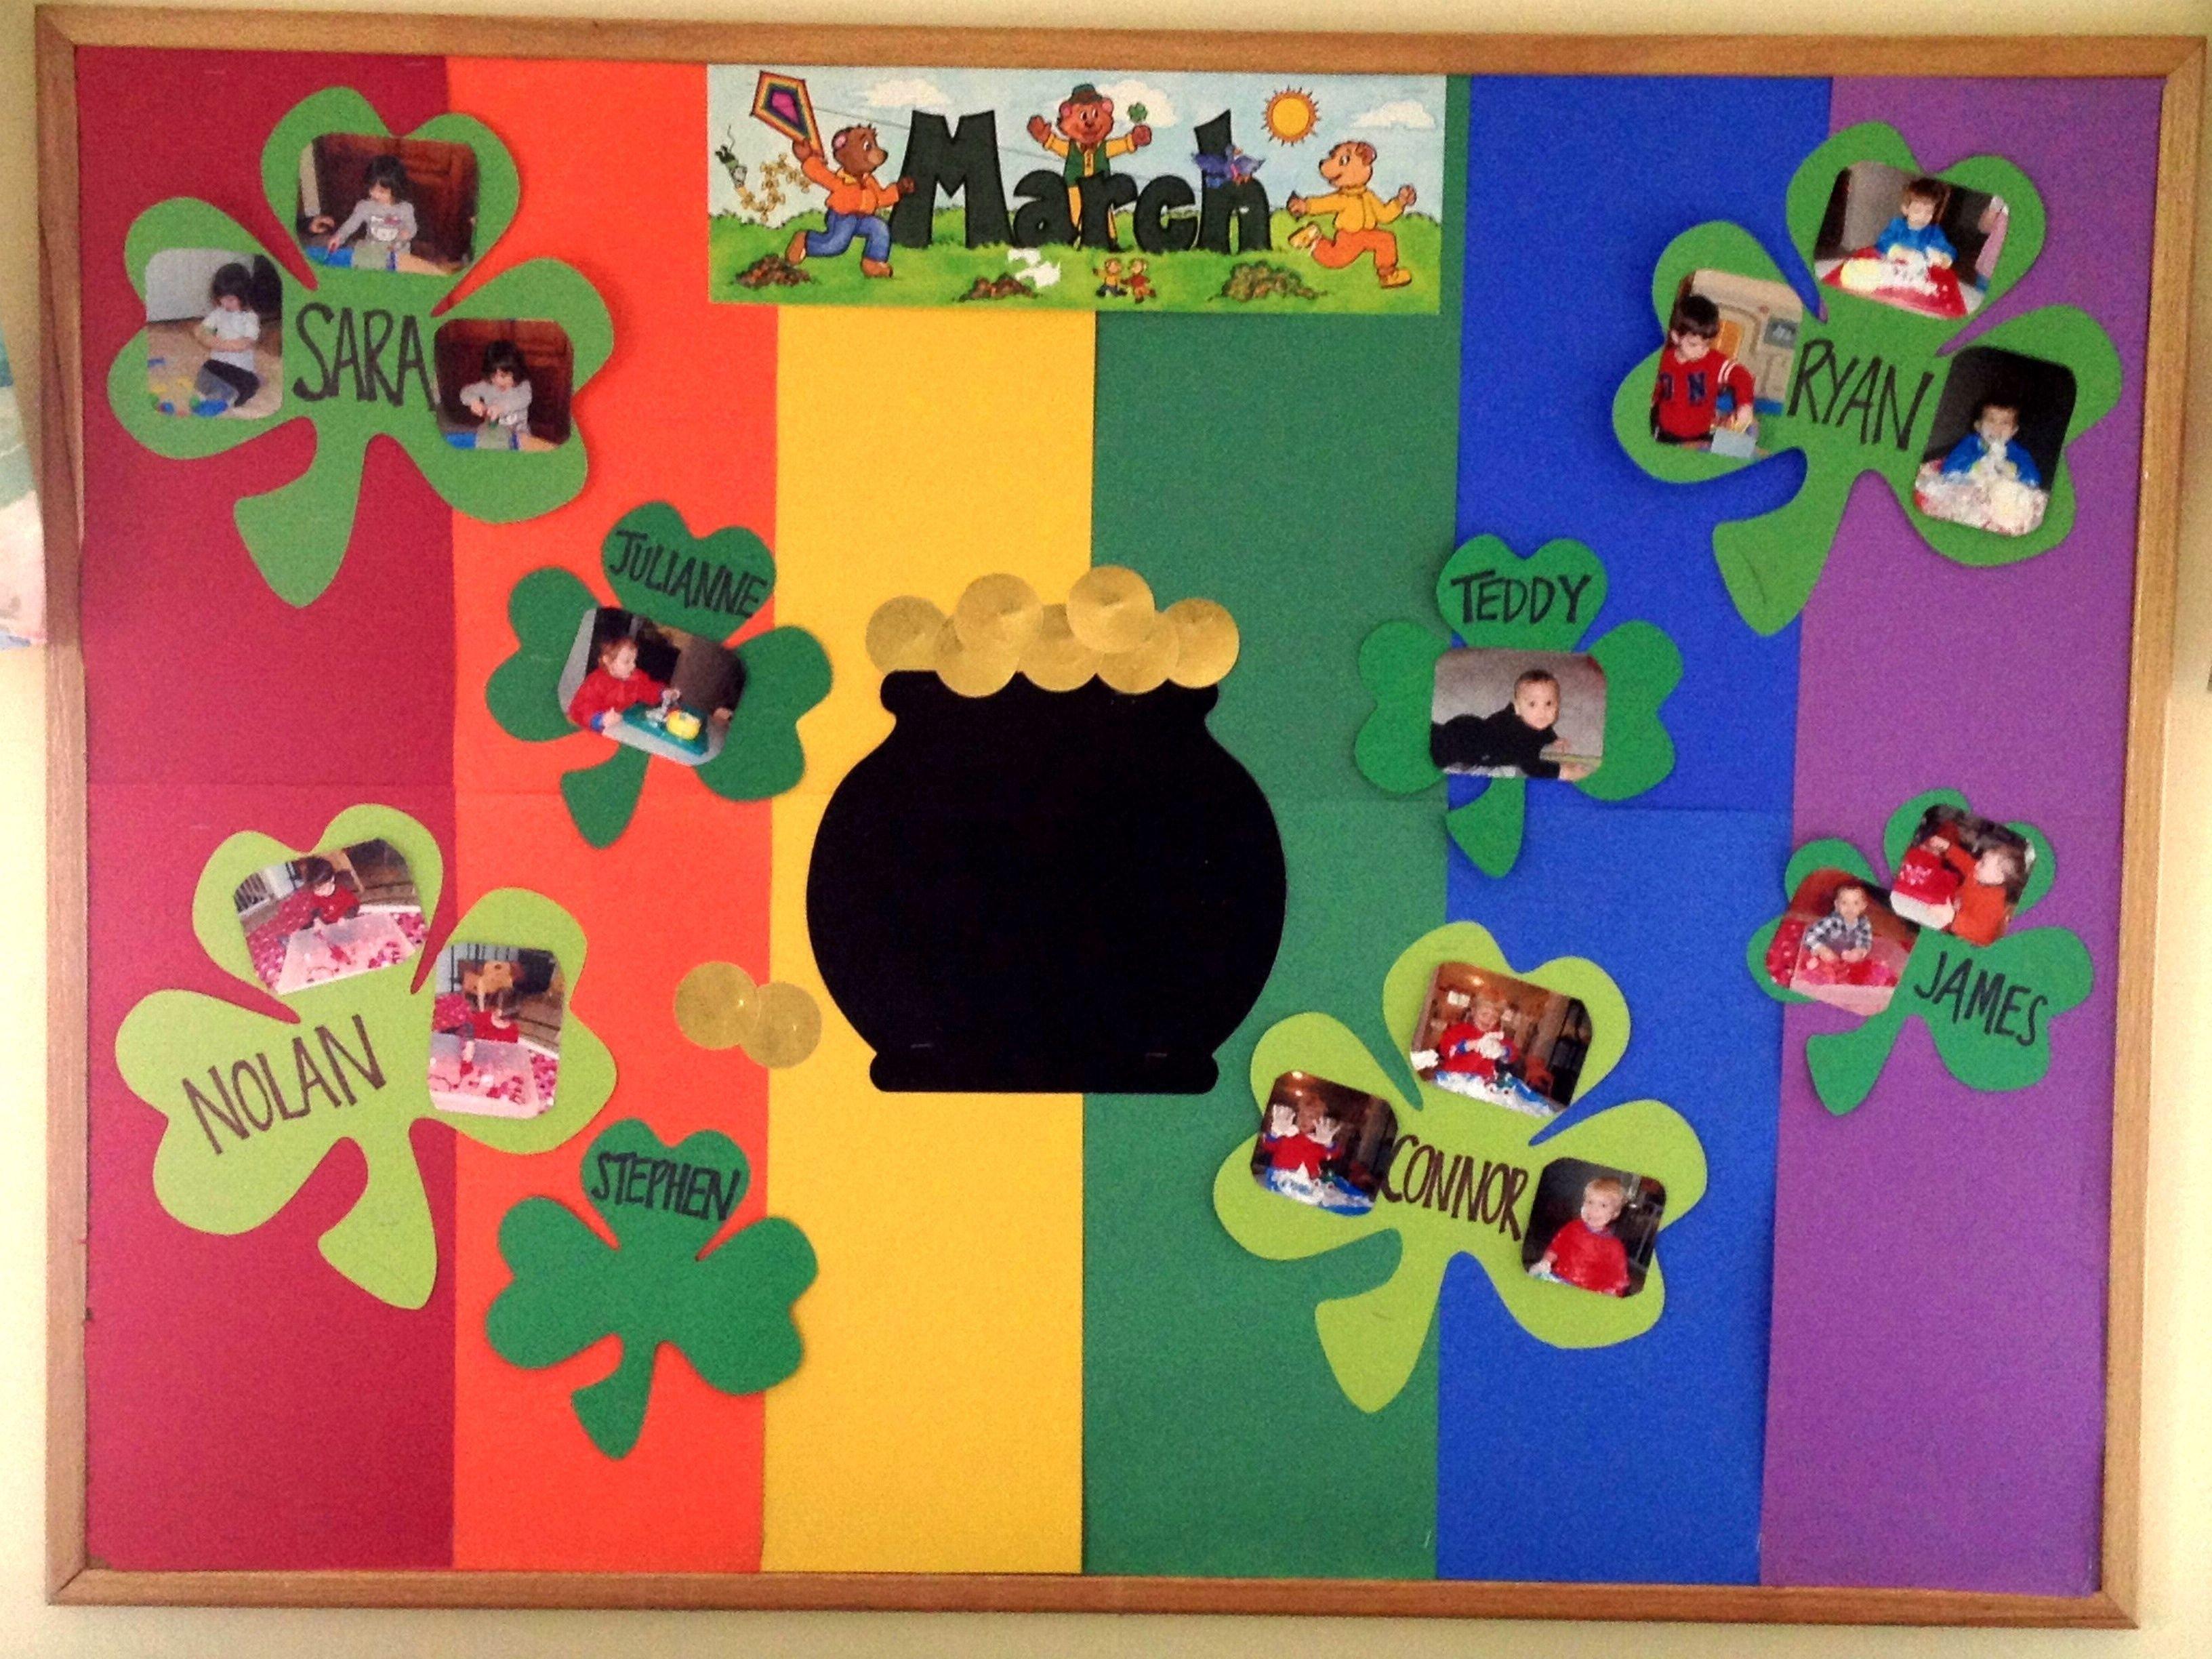 10 Awesome March Preschool Bulletin Board Ideas march bulletin board joeys class pinterest bulletin board 2020